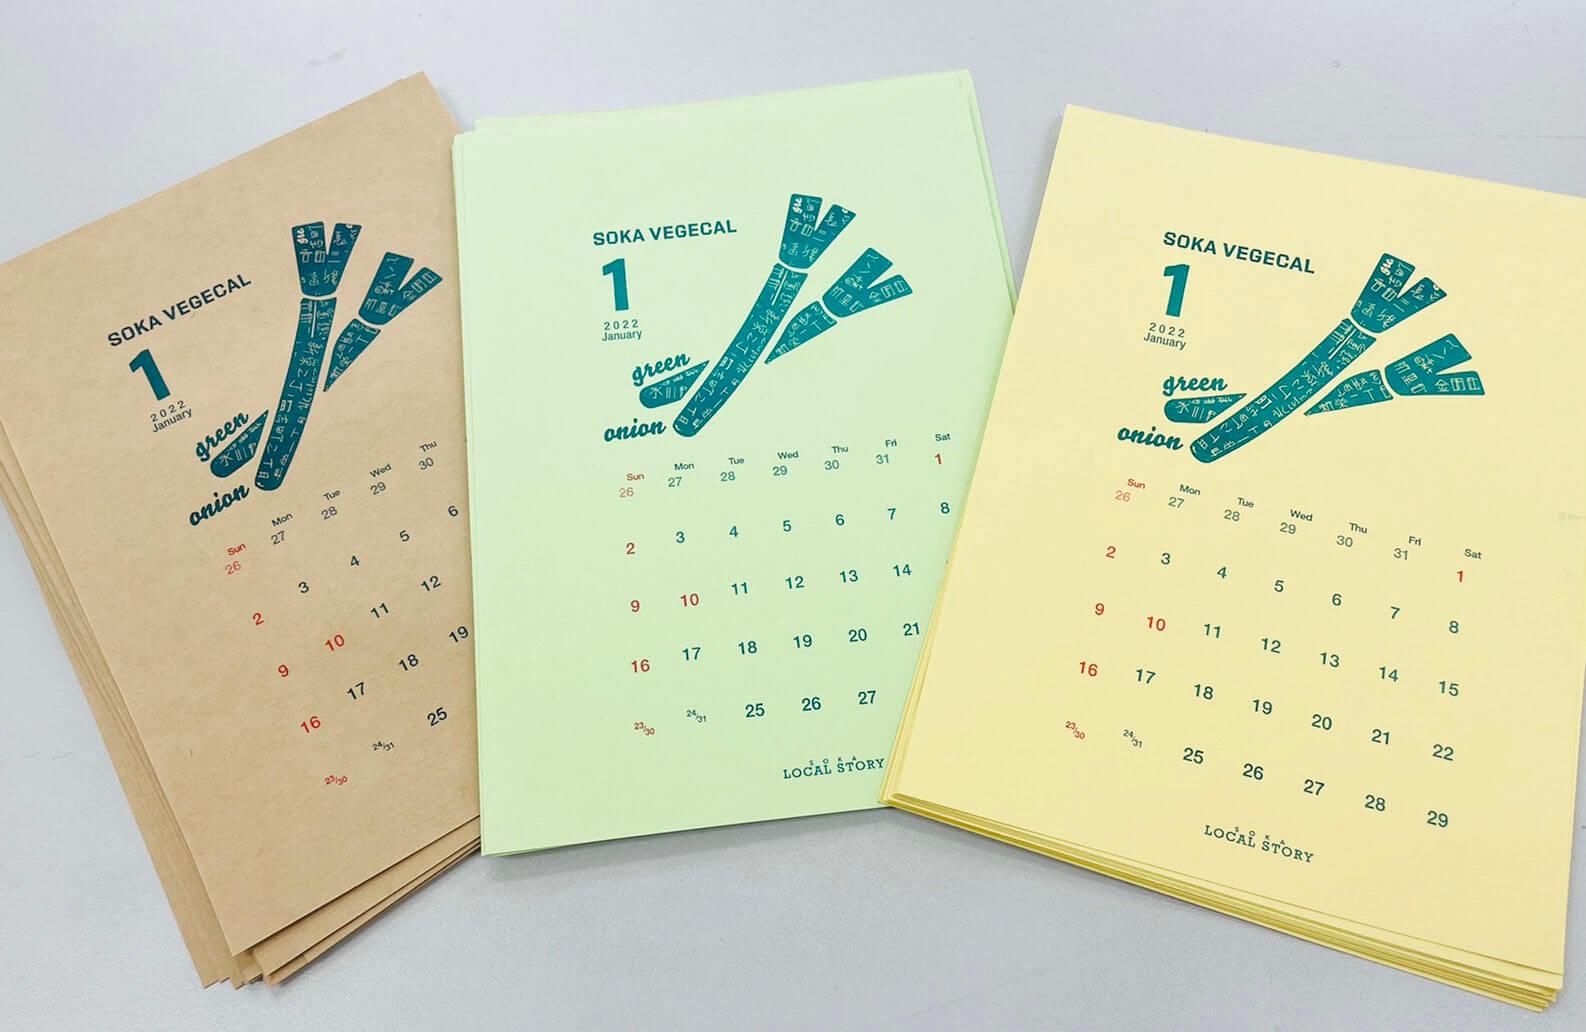 ローカルWEBメディア・地域サイト 草加ローカルストーリー 草加リソグラフ部 草加野菜カレンダーワークショップ 印刷済